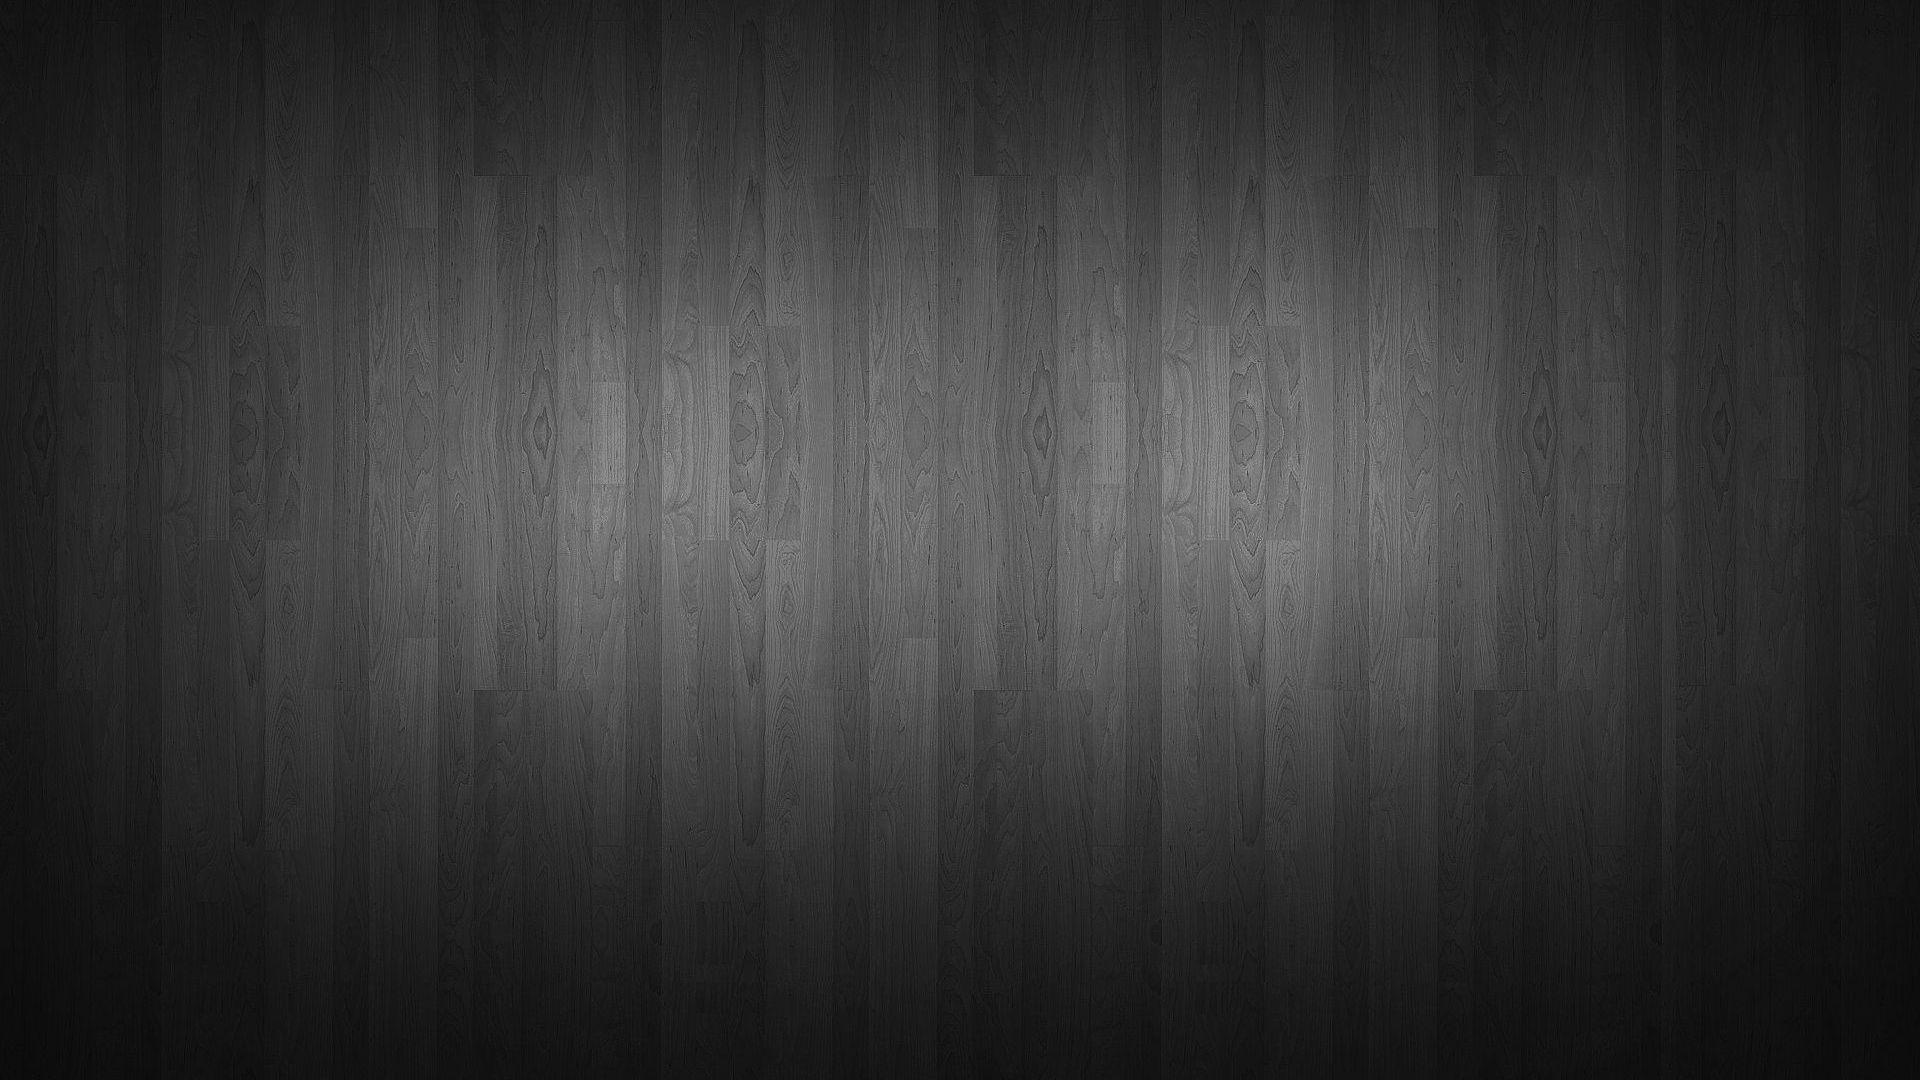 Dark Wood Grain Wallpaper